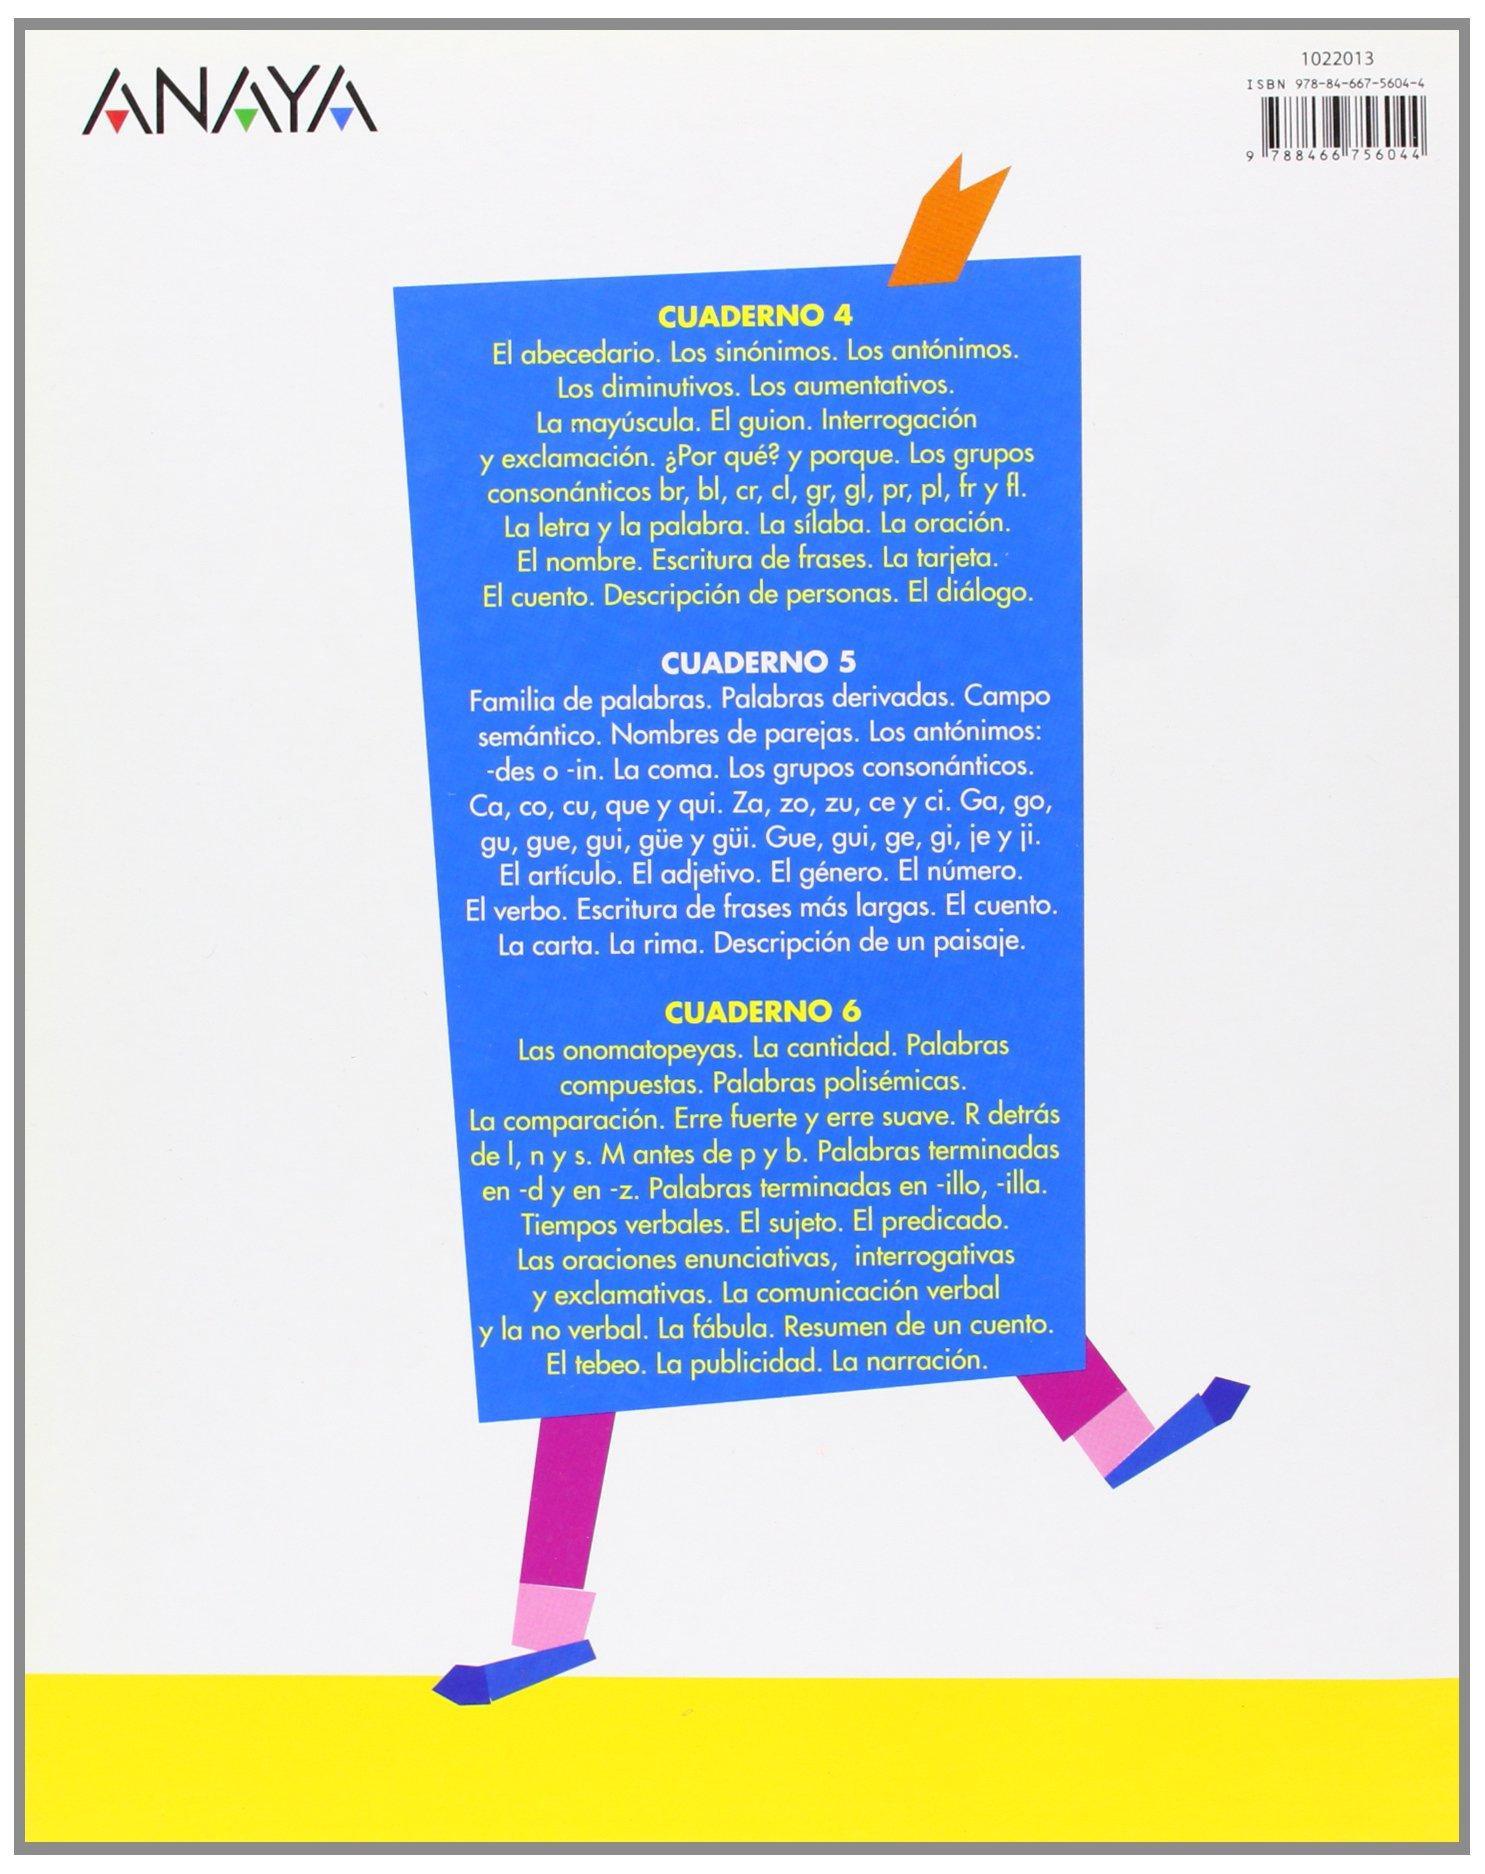 Cuaderno de Lengua 5: María de los Ángeles; Sáenz de Urturi Montemayor, María José González Soler: 9788466756044: Amazon.com: Books